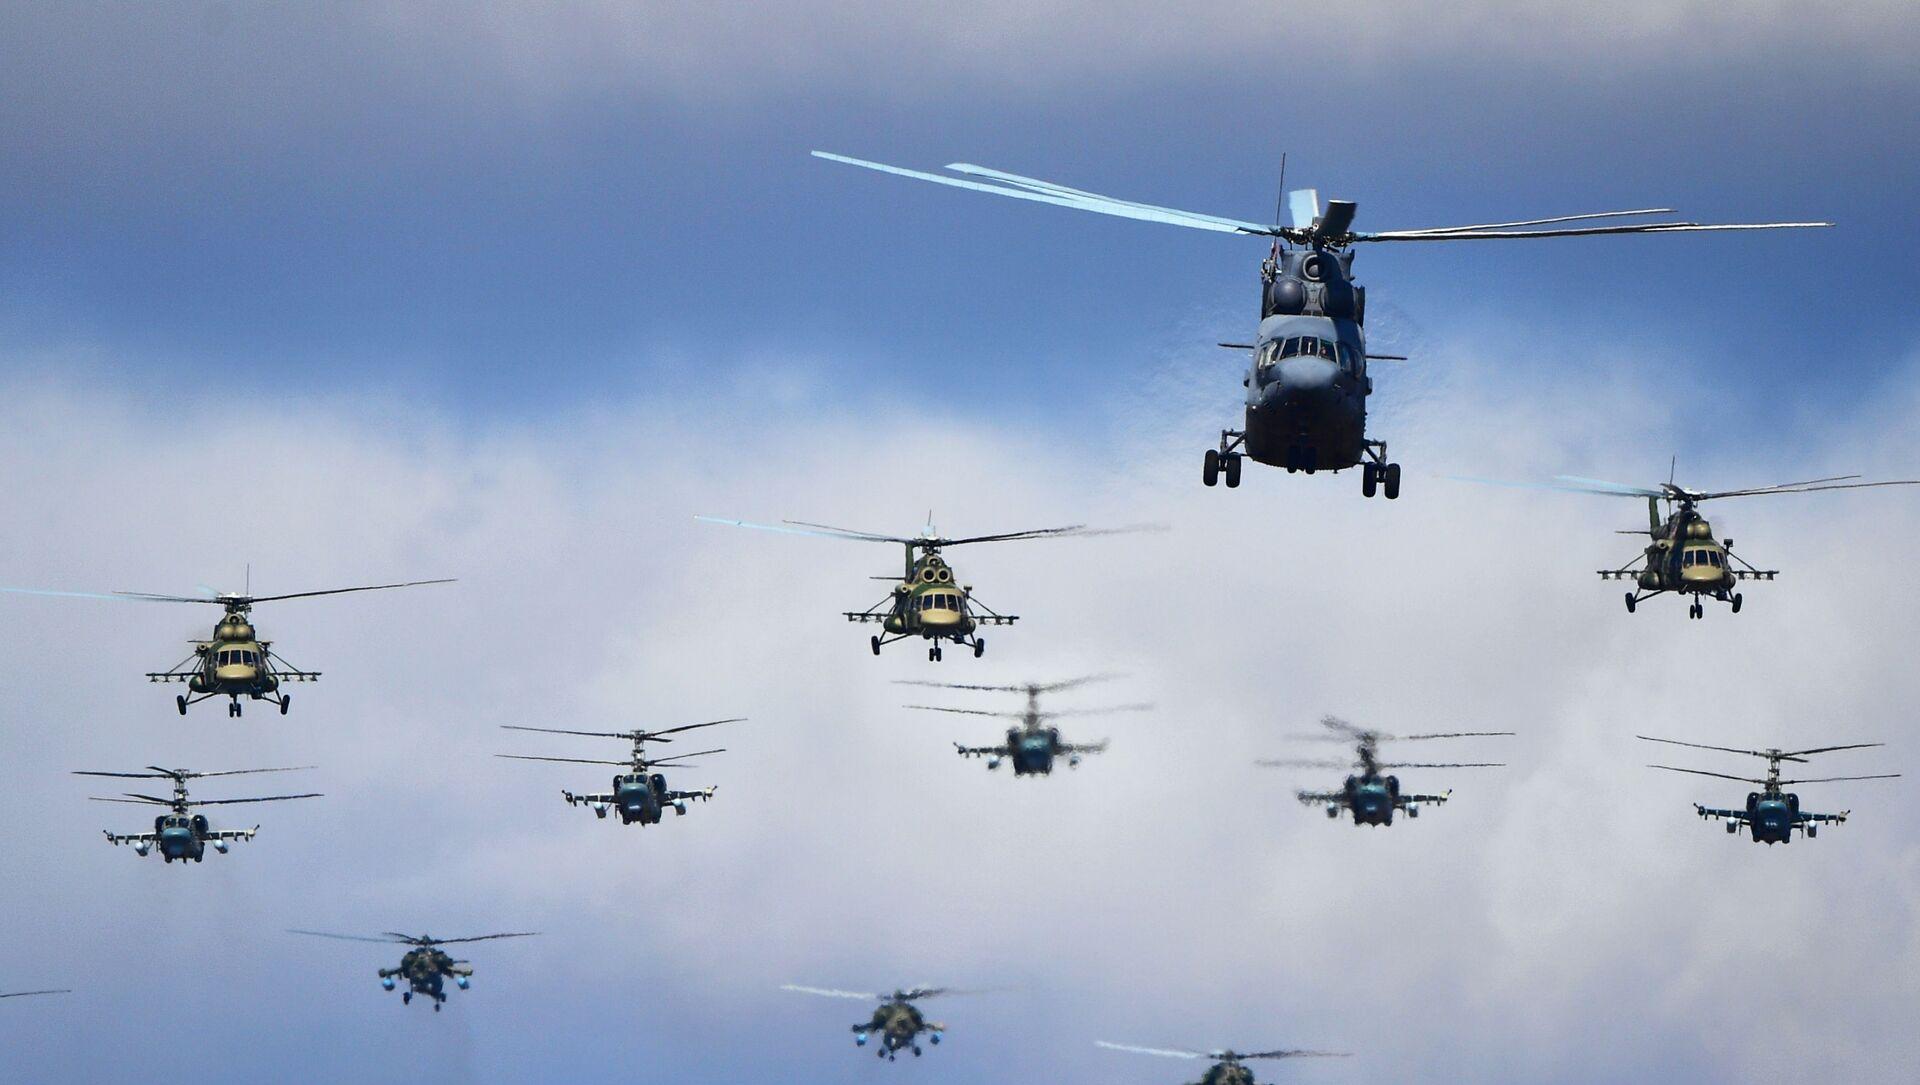 Trực thăng hạng nặng Mi-26 và trực thăng đa năng Mi-8 trong buổi diễn tập chuẩn bị cho cuộc diễu binh chiến thắng, Alabino (ngoại ô Moskva). - Sputnik Việt Nam, 1920, 12.04.2021